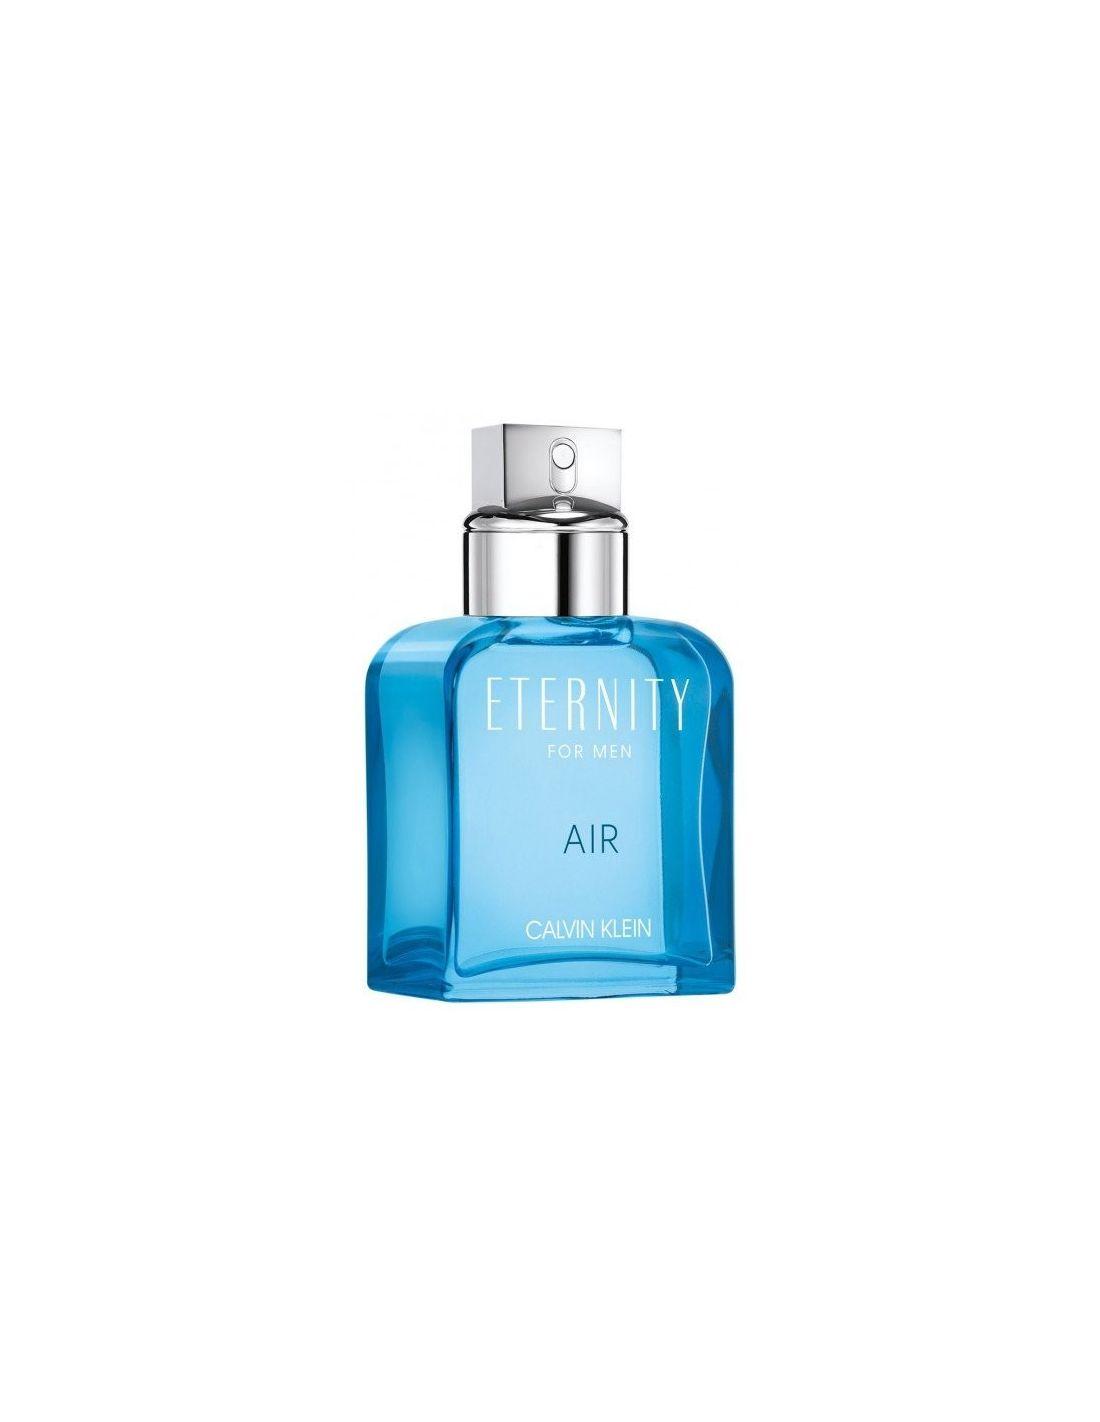 Calvin Klein Eternity Air Men Eau de Toilette 100 ml Perfumes 24 ... 0a8634f6b4